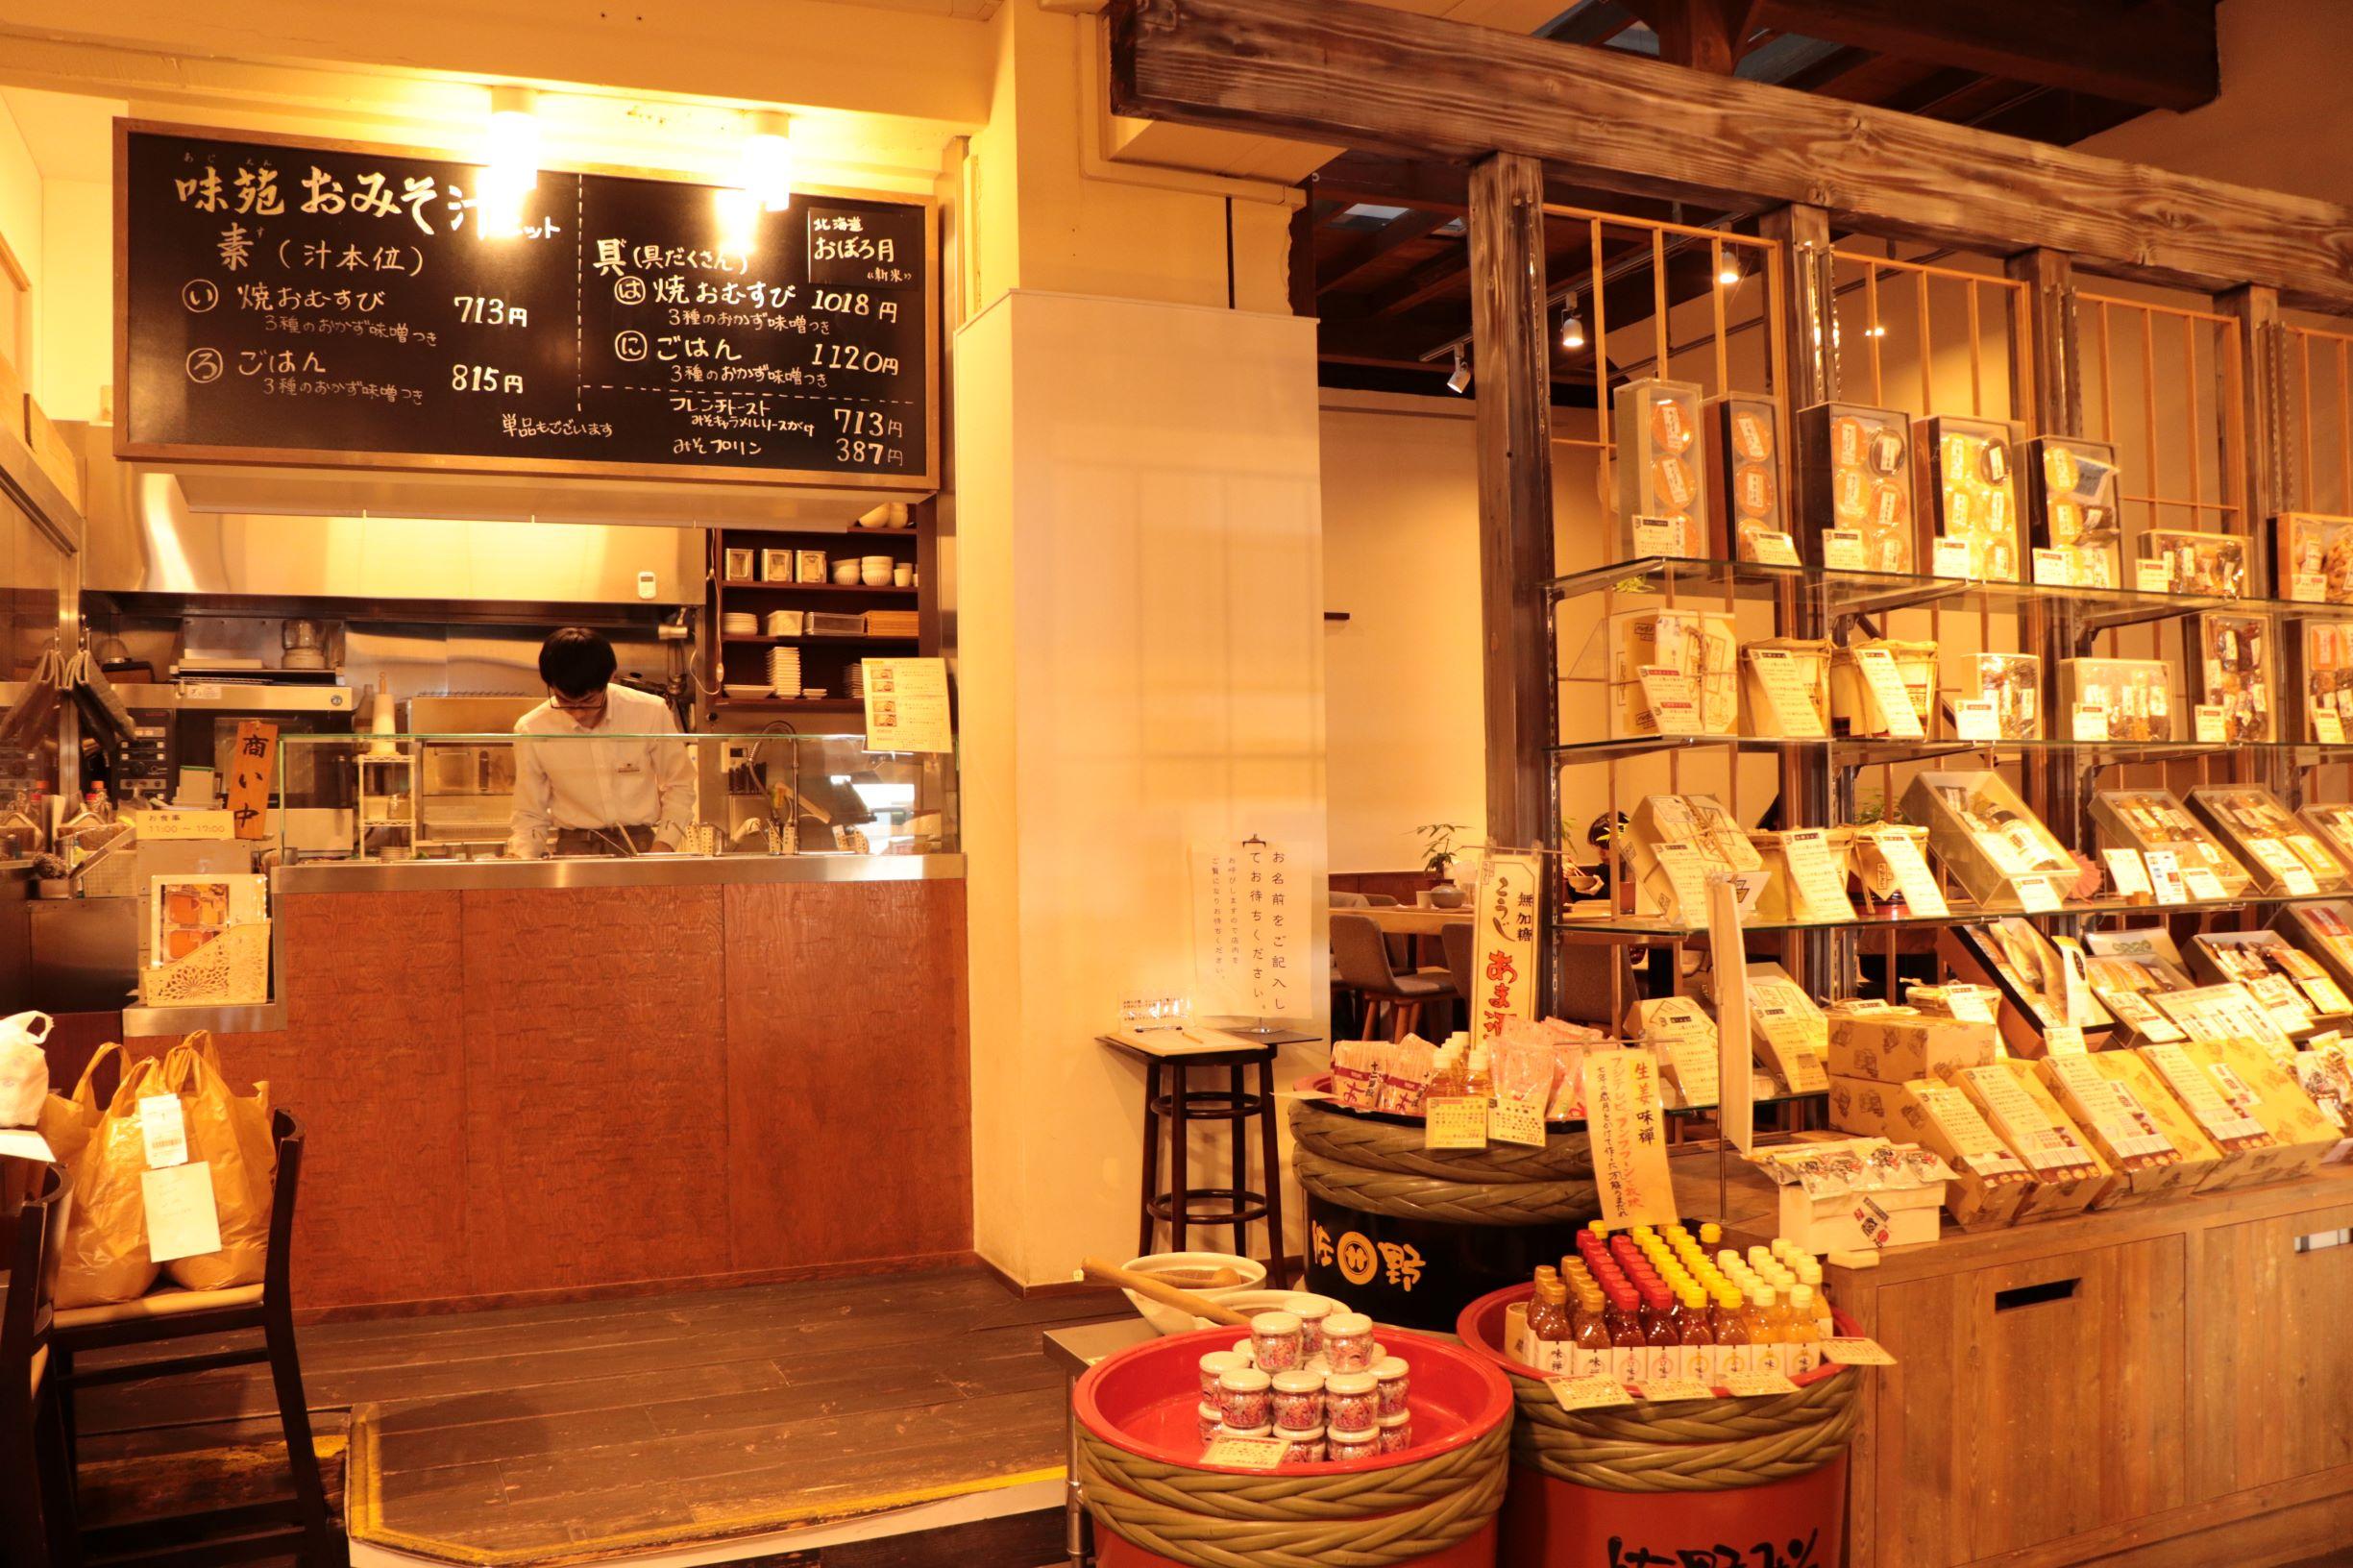 """[江東這個市鎮那個人]""""佐野大醬龜戶總店""""總經理佐野正明店裡設置能體驗味噌湯的優秀的""""味道苑""""。能享受6種把大醬混在一起的味噌湯。"""